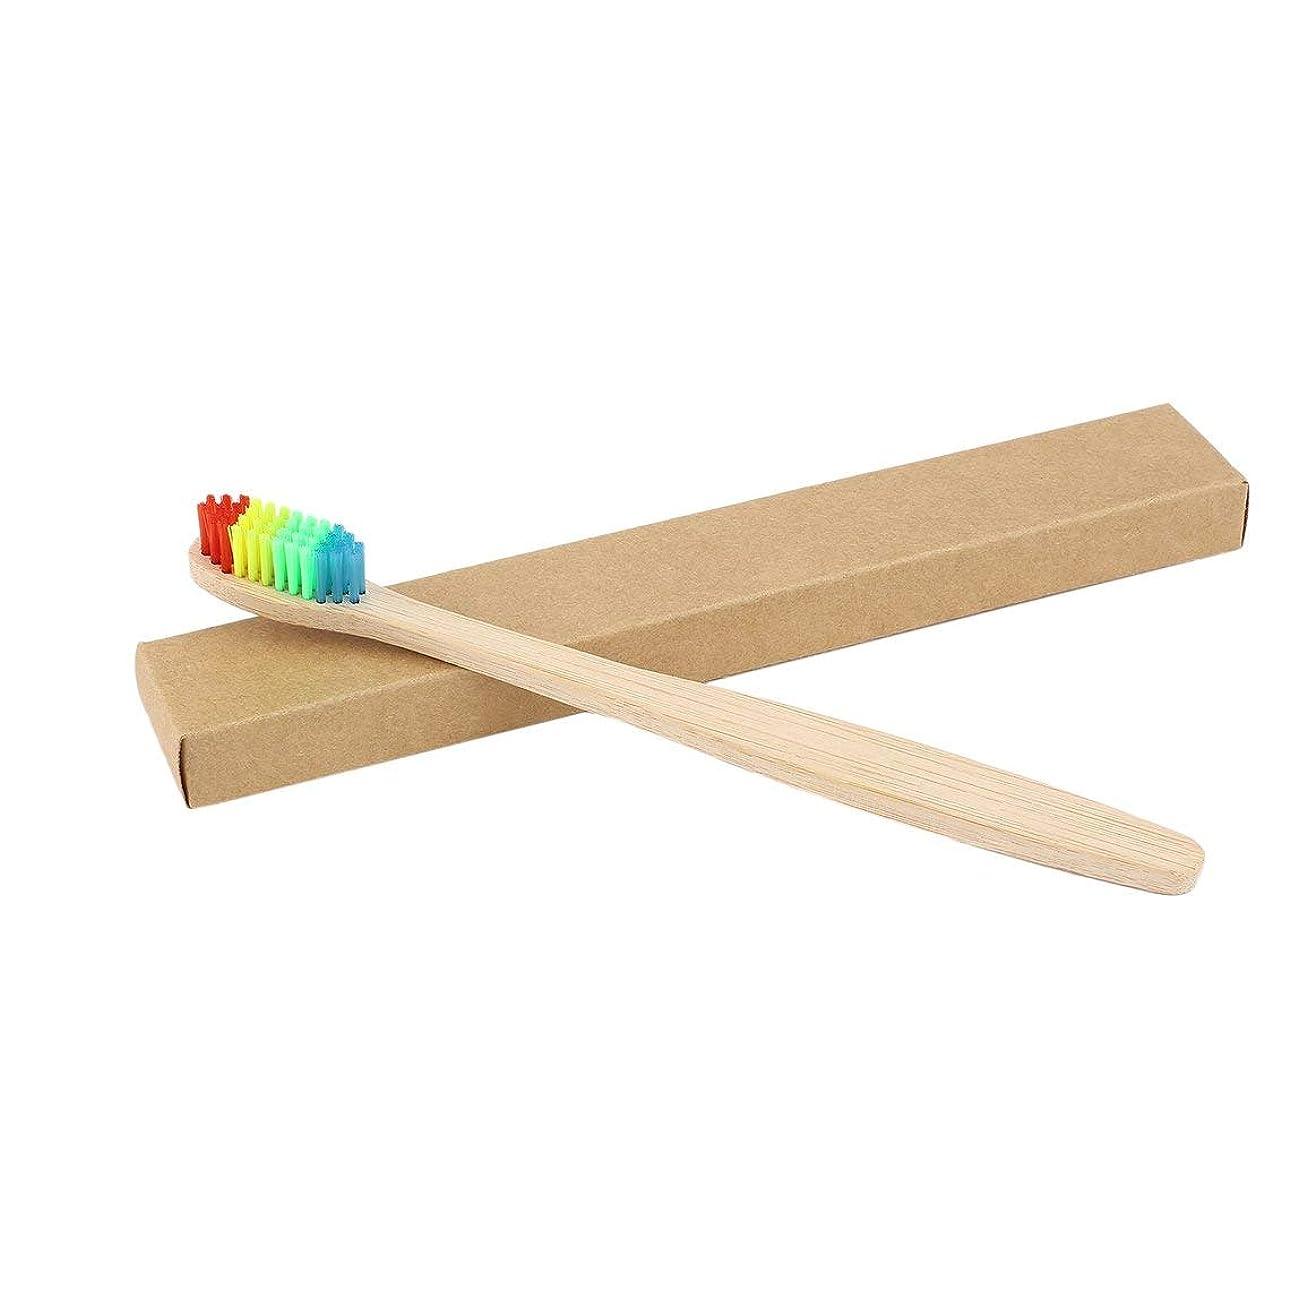 この技術者おいしいカラフルな髪+竹のハンドル歯ブラシ環境木製の虹竹の歯ブラシオーラルケアソフト剛毛ユニセックス - ウッドカラー+カラフル